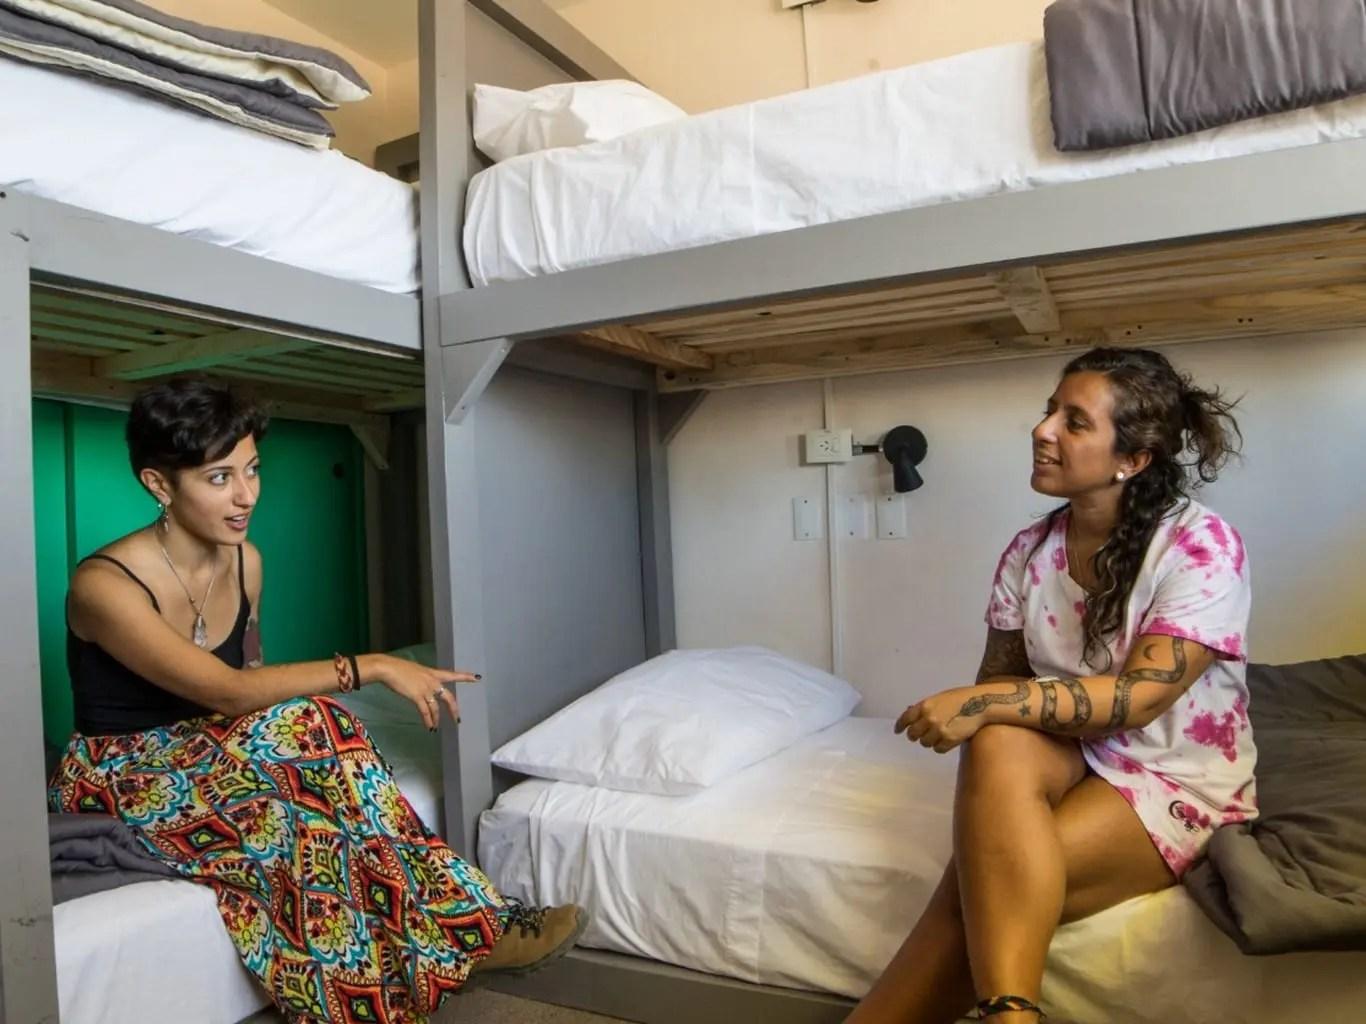 hostel hormiga negra 61 | Hostel Hormiga Negra